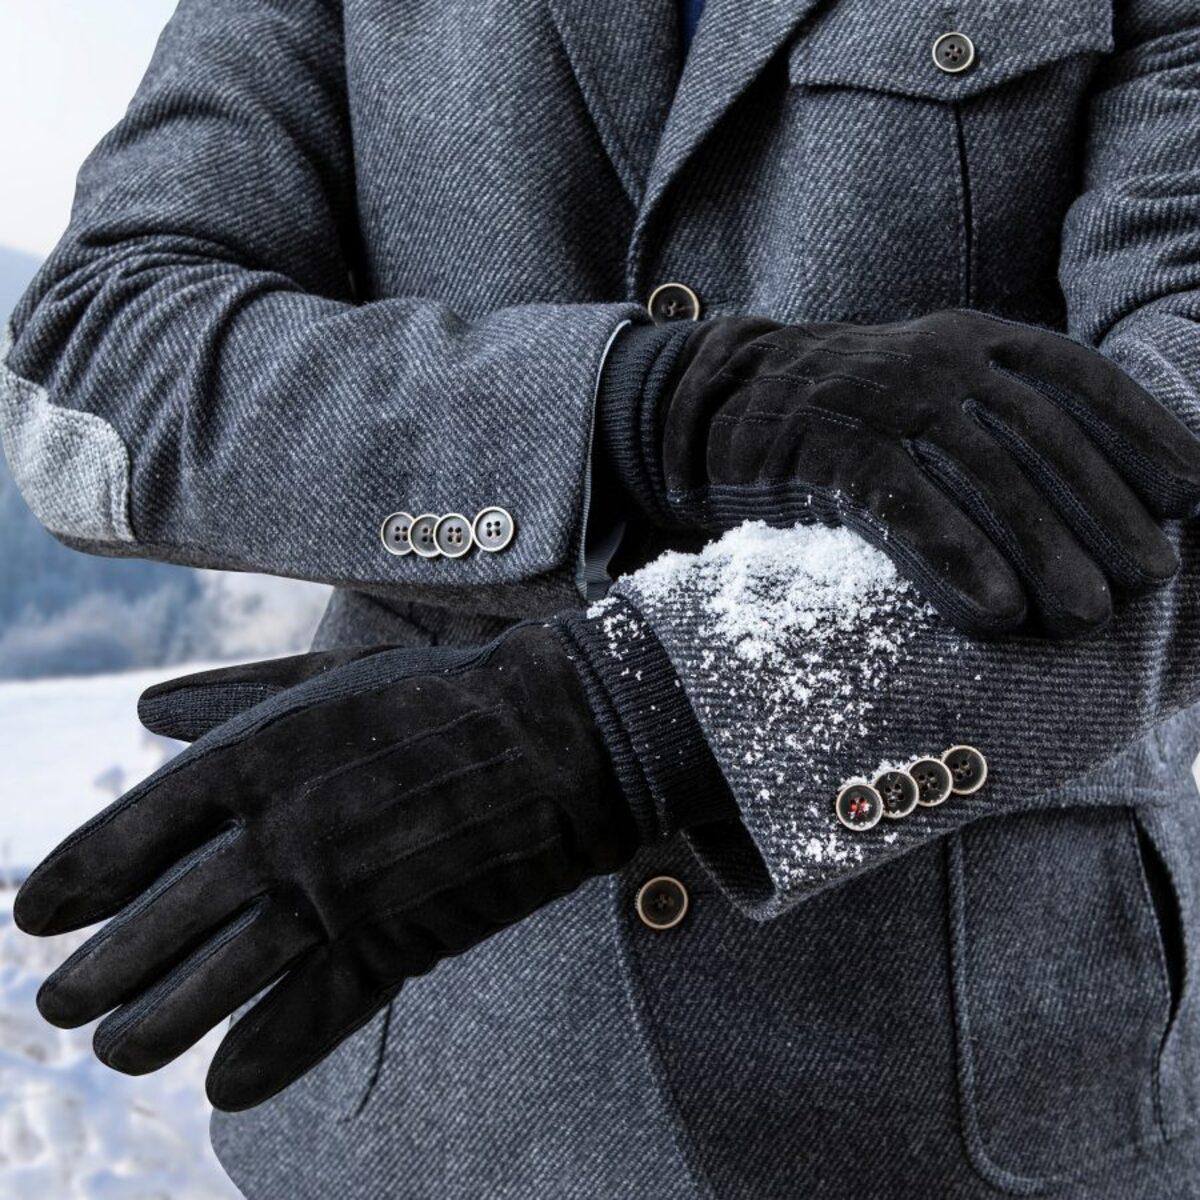 Bild 5 von ROYAL LIFE     Veloursleder-Handschuhe